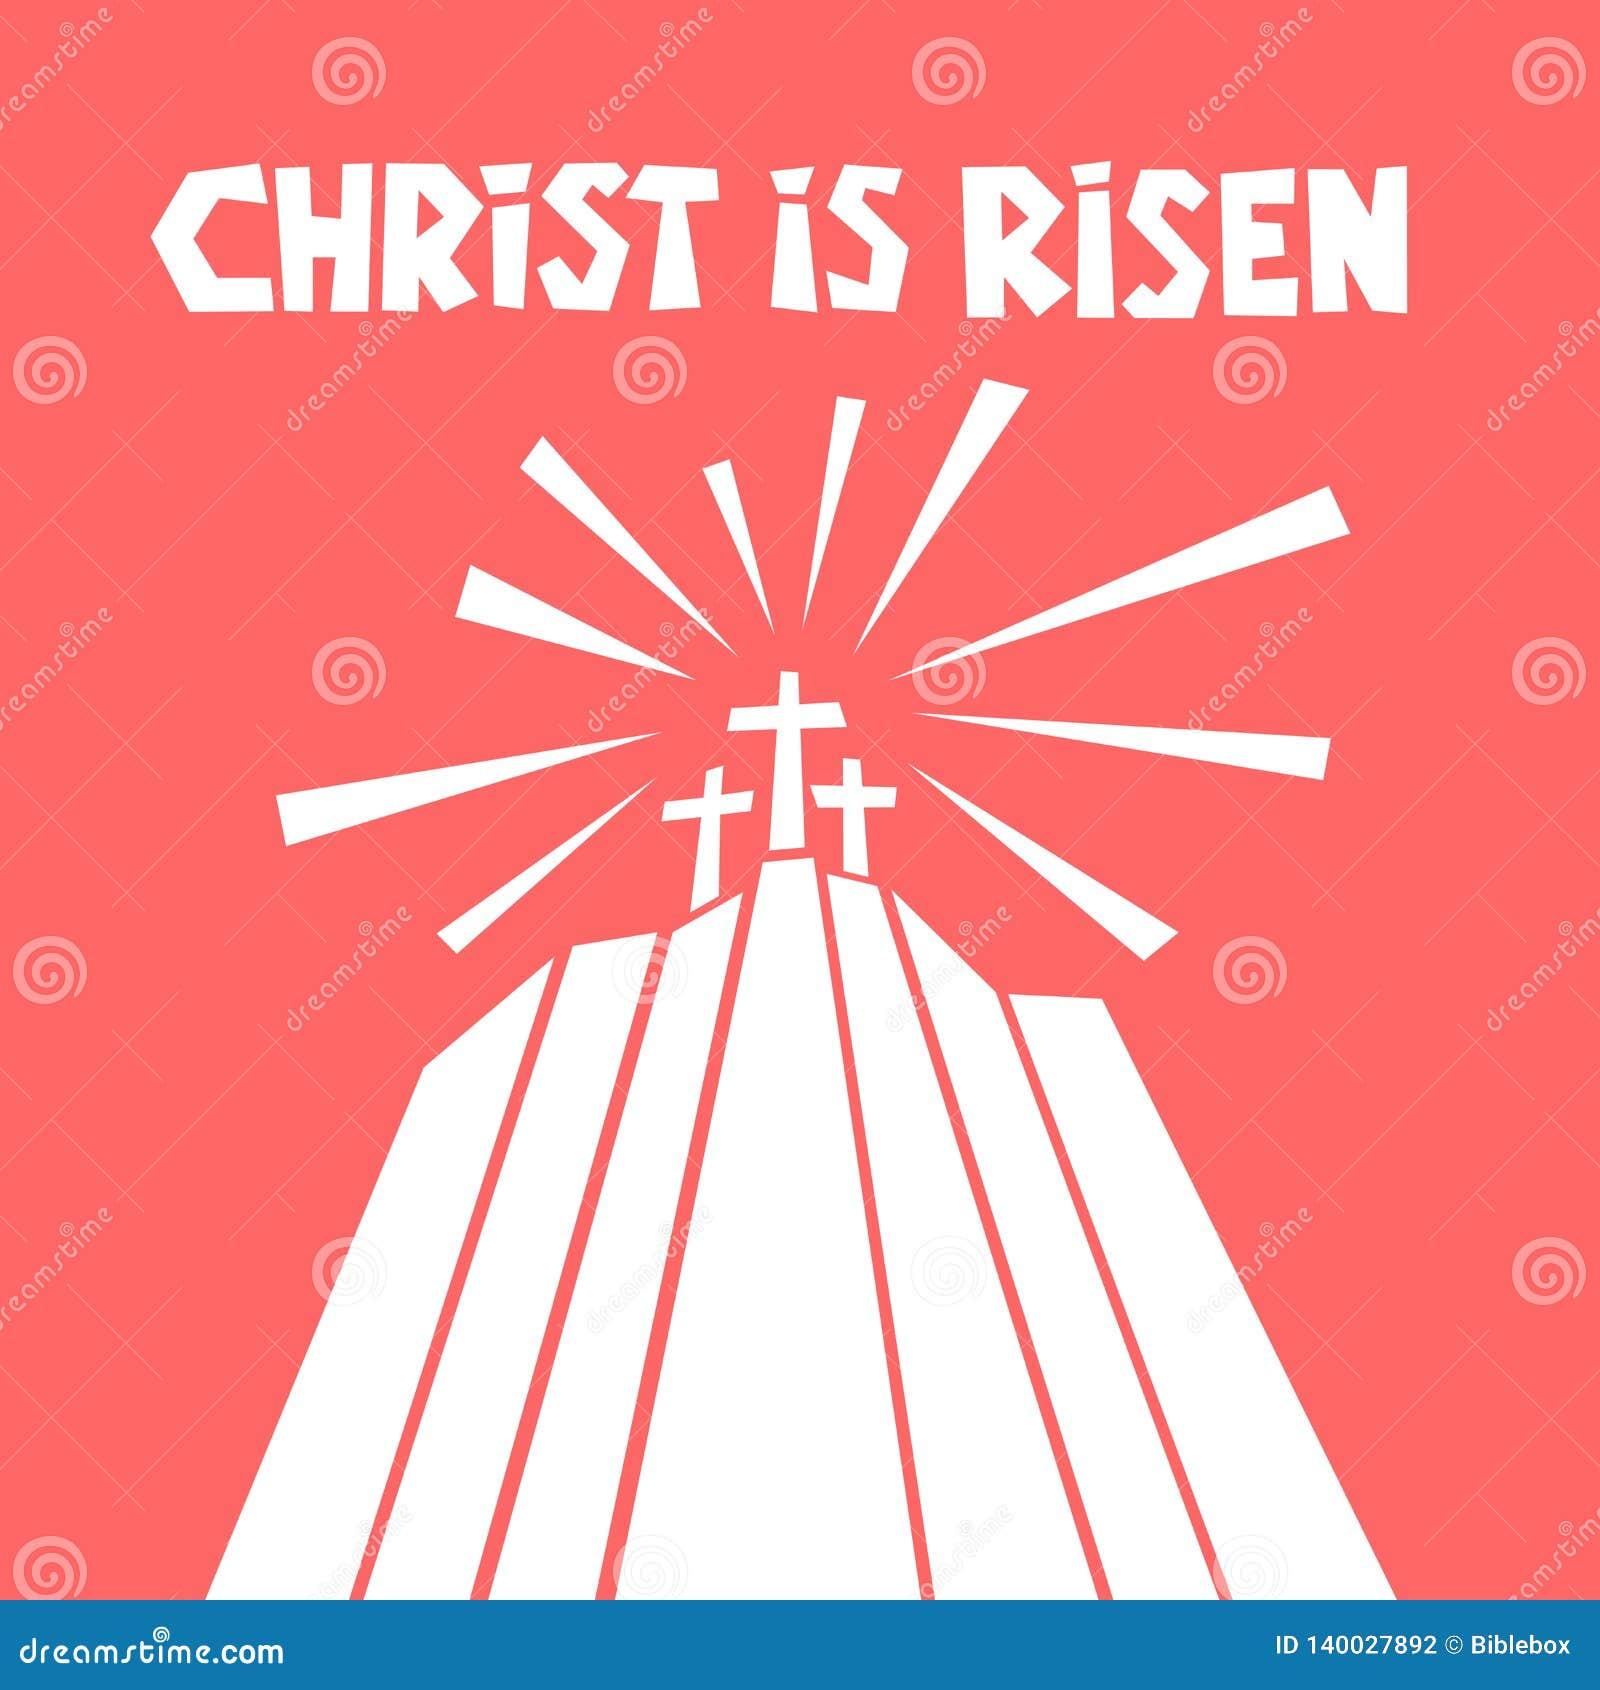 Easter illustration. Three crosses on Calvary